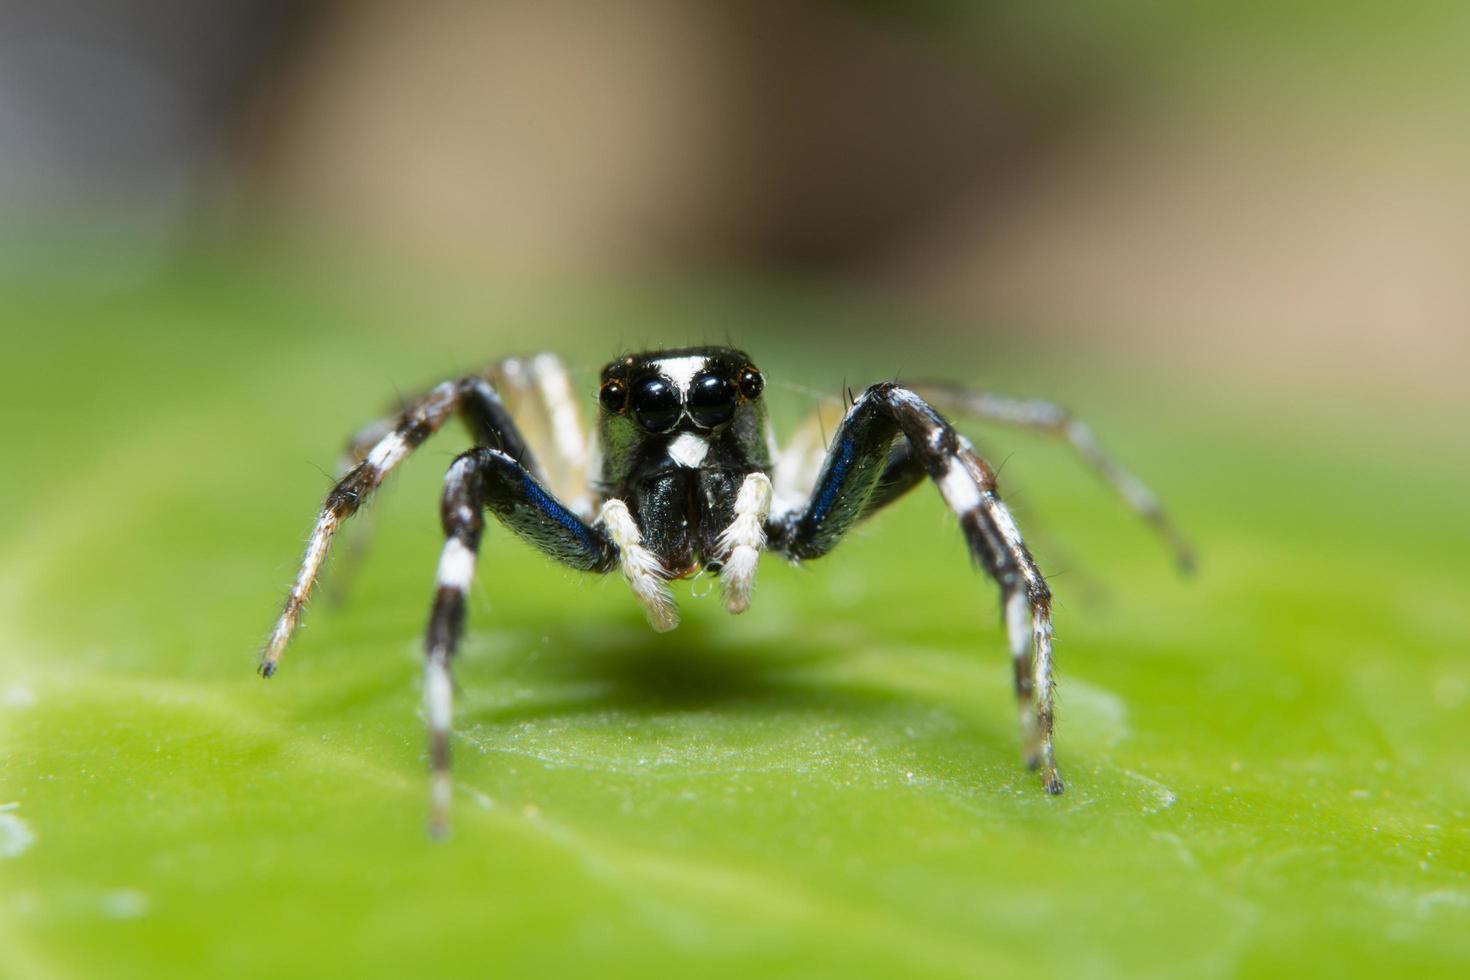 fin, haut, araignée, vert, feuille photo